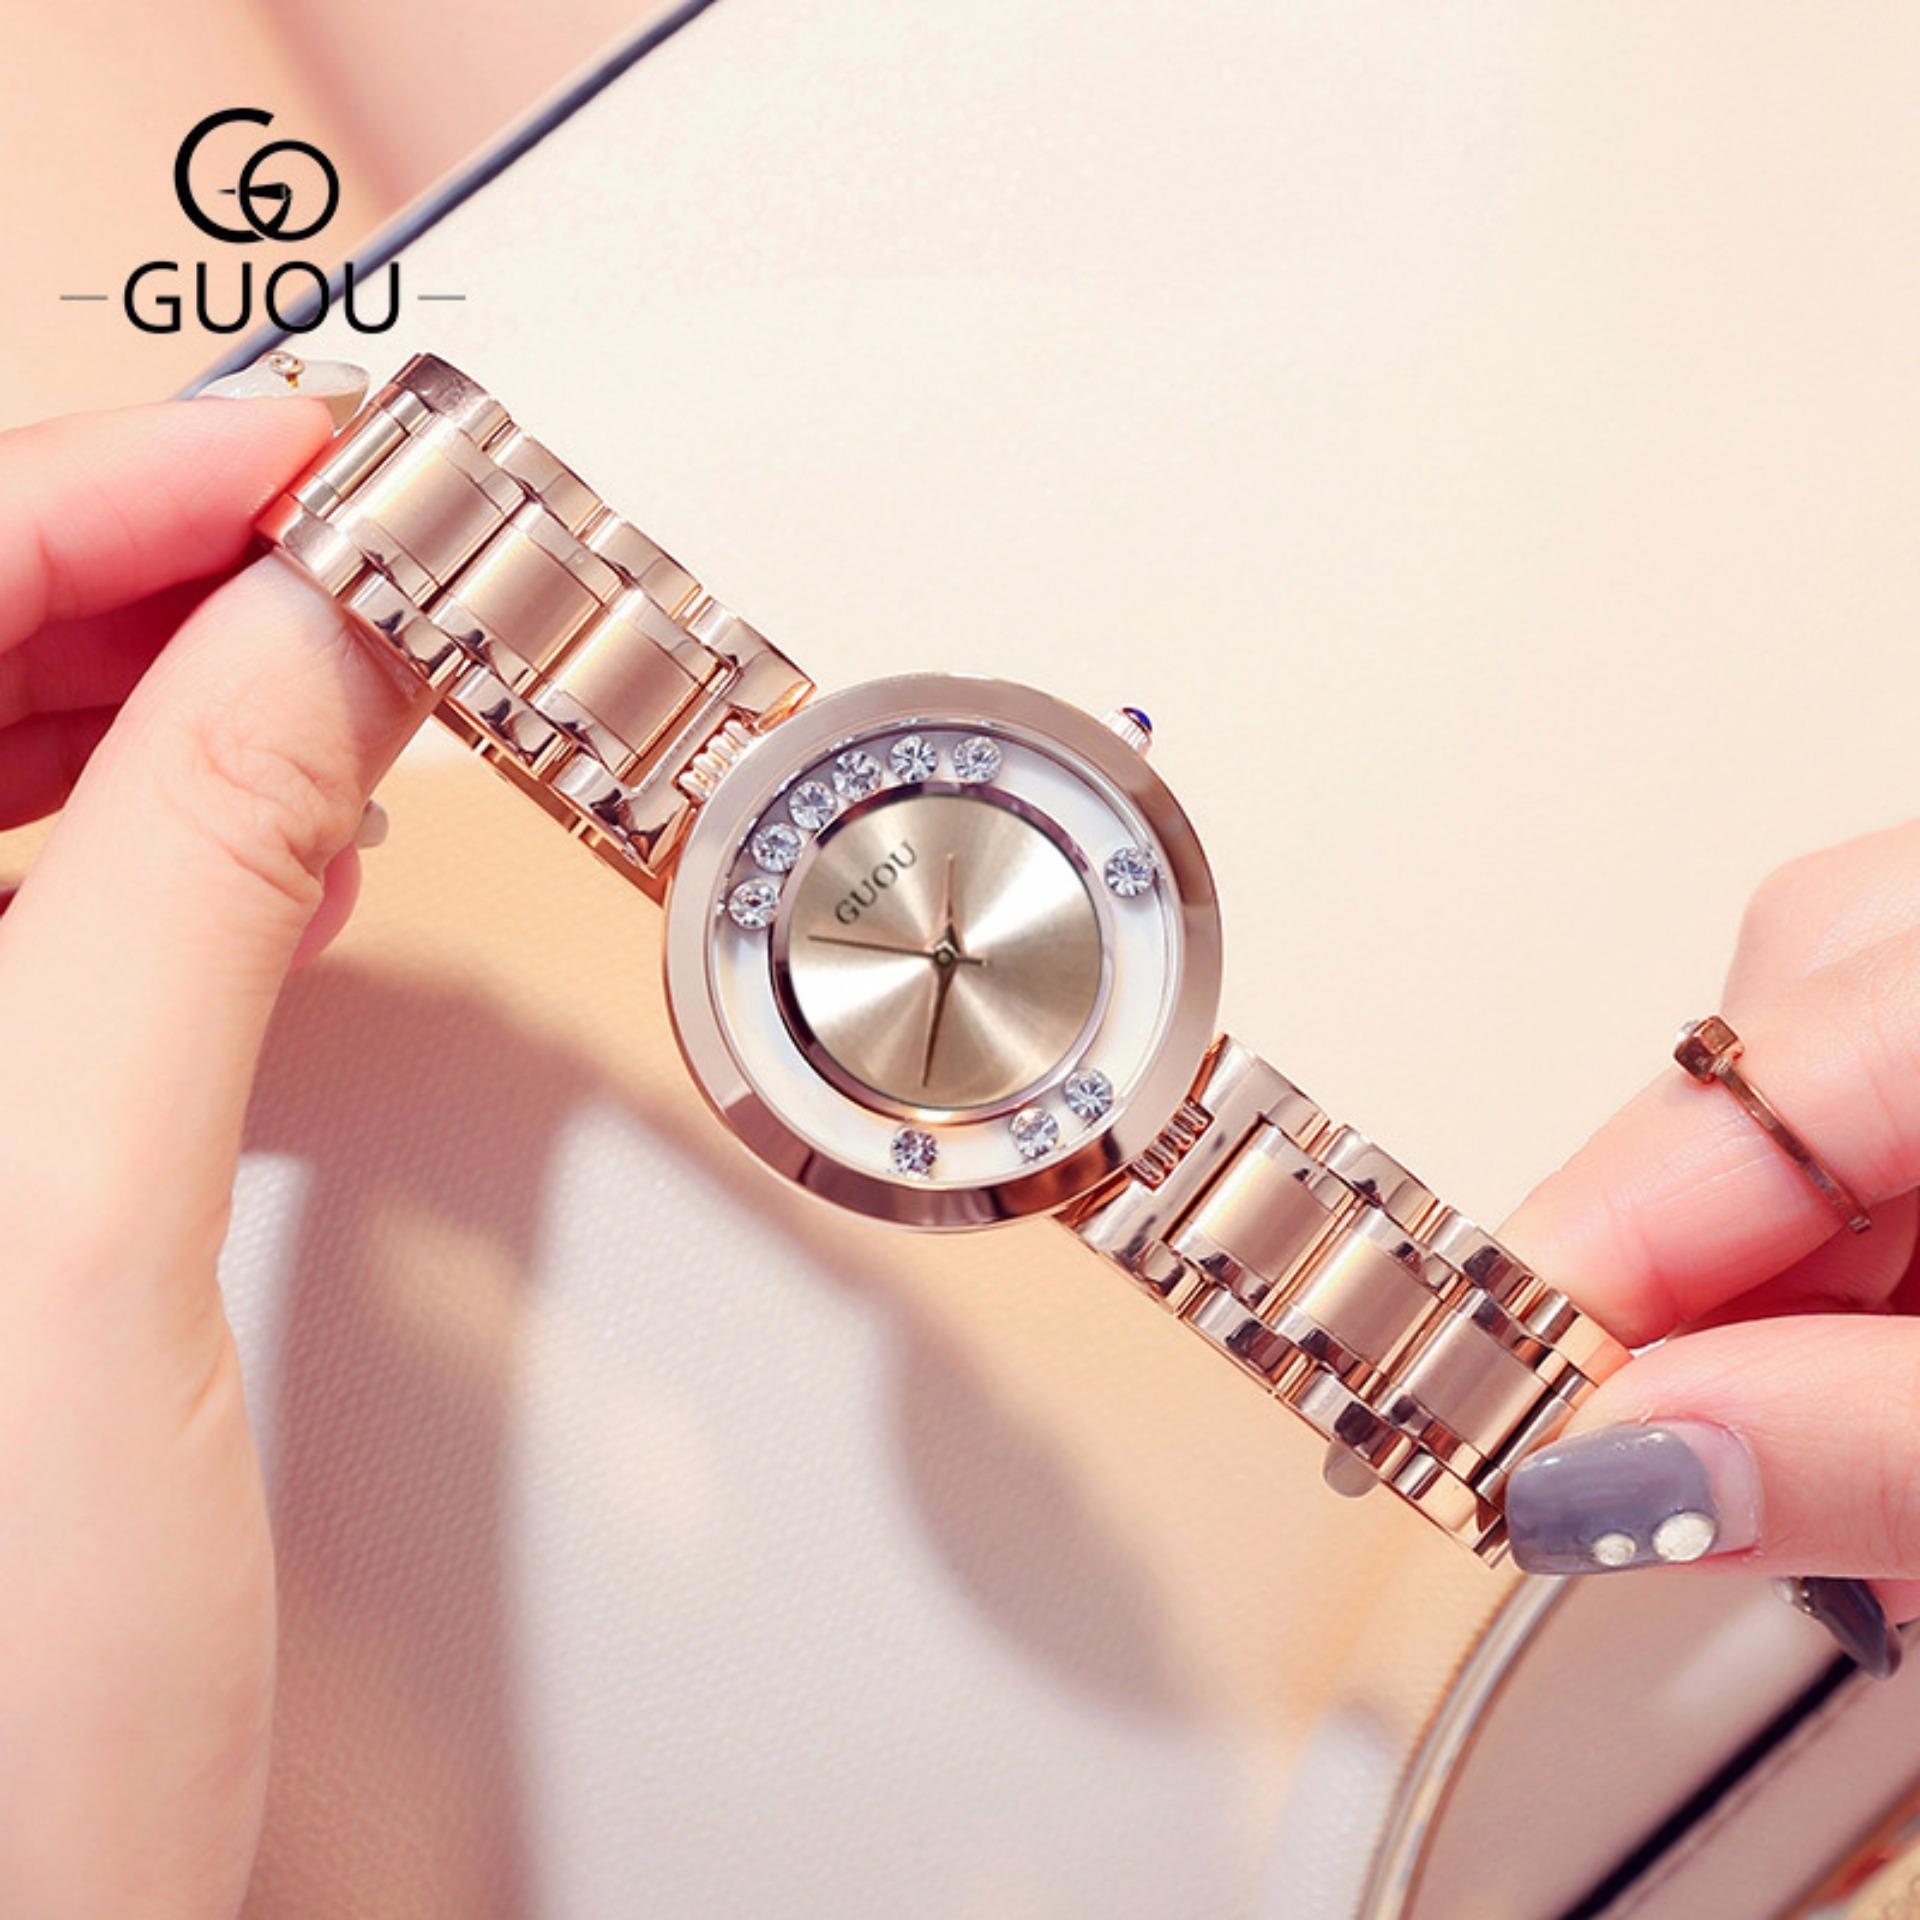 Báo Giá [SIÊU GIẢM GIÁ] Đồng hồ nữ thương hiệu GUOU mặt tròn có đá chạy dây thép thời trang G36-4